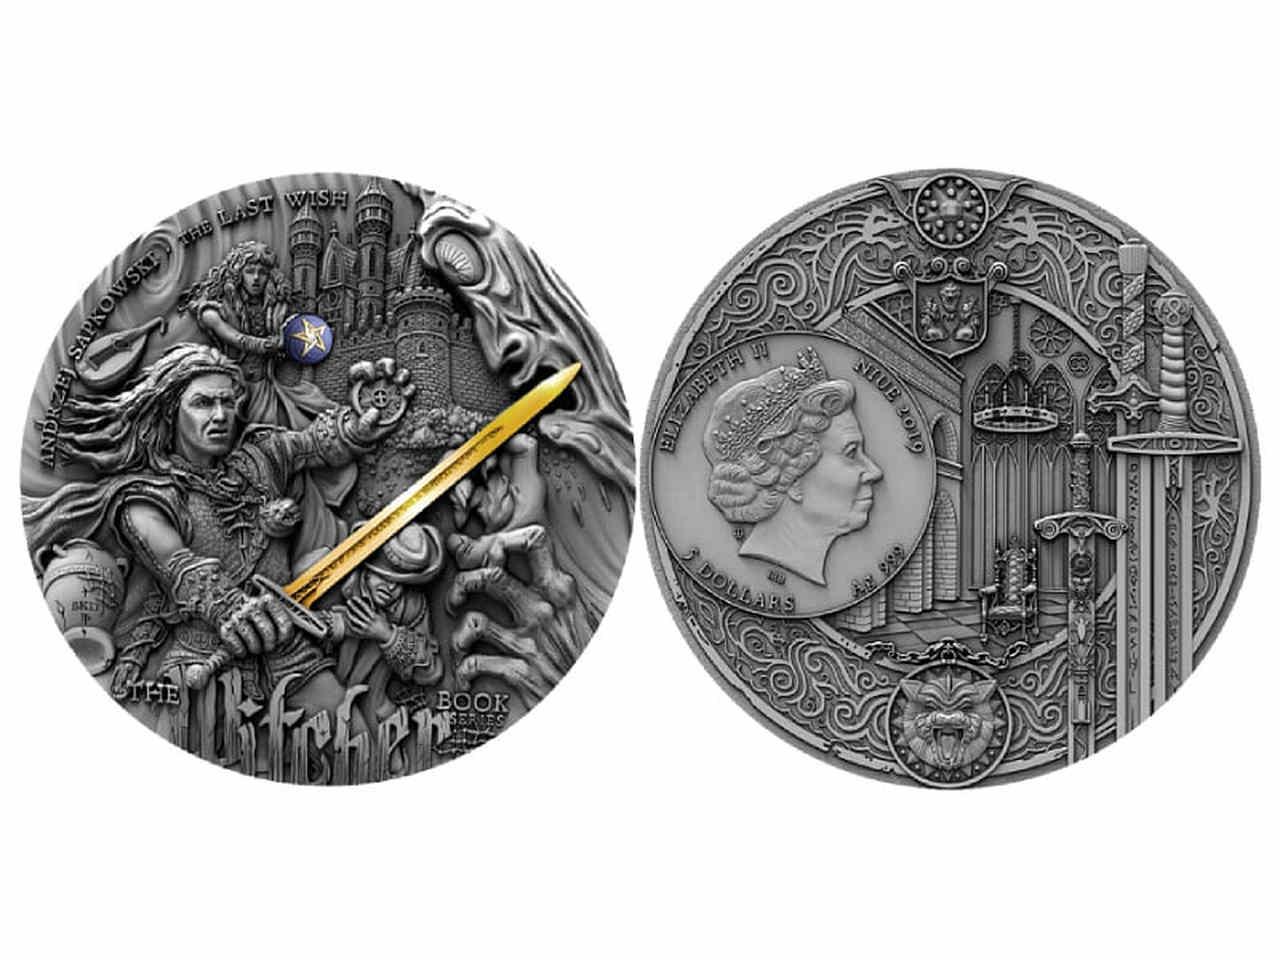 Wiedźmin: moneta kuta póki serial gorący